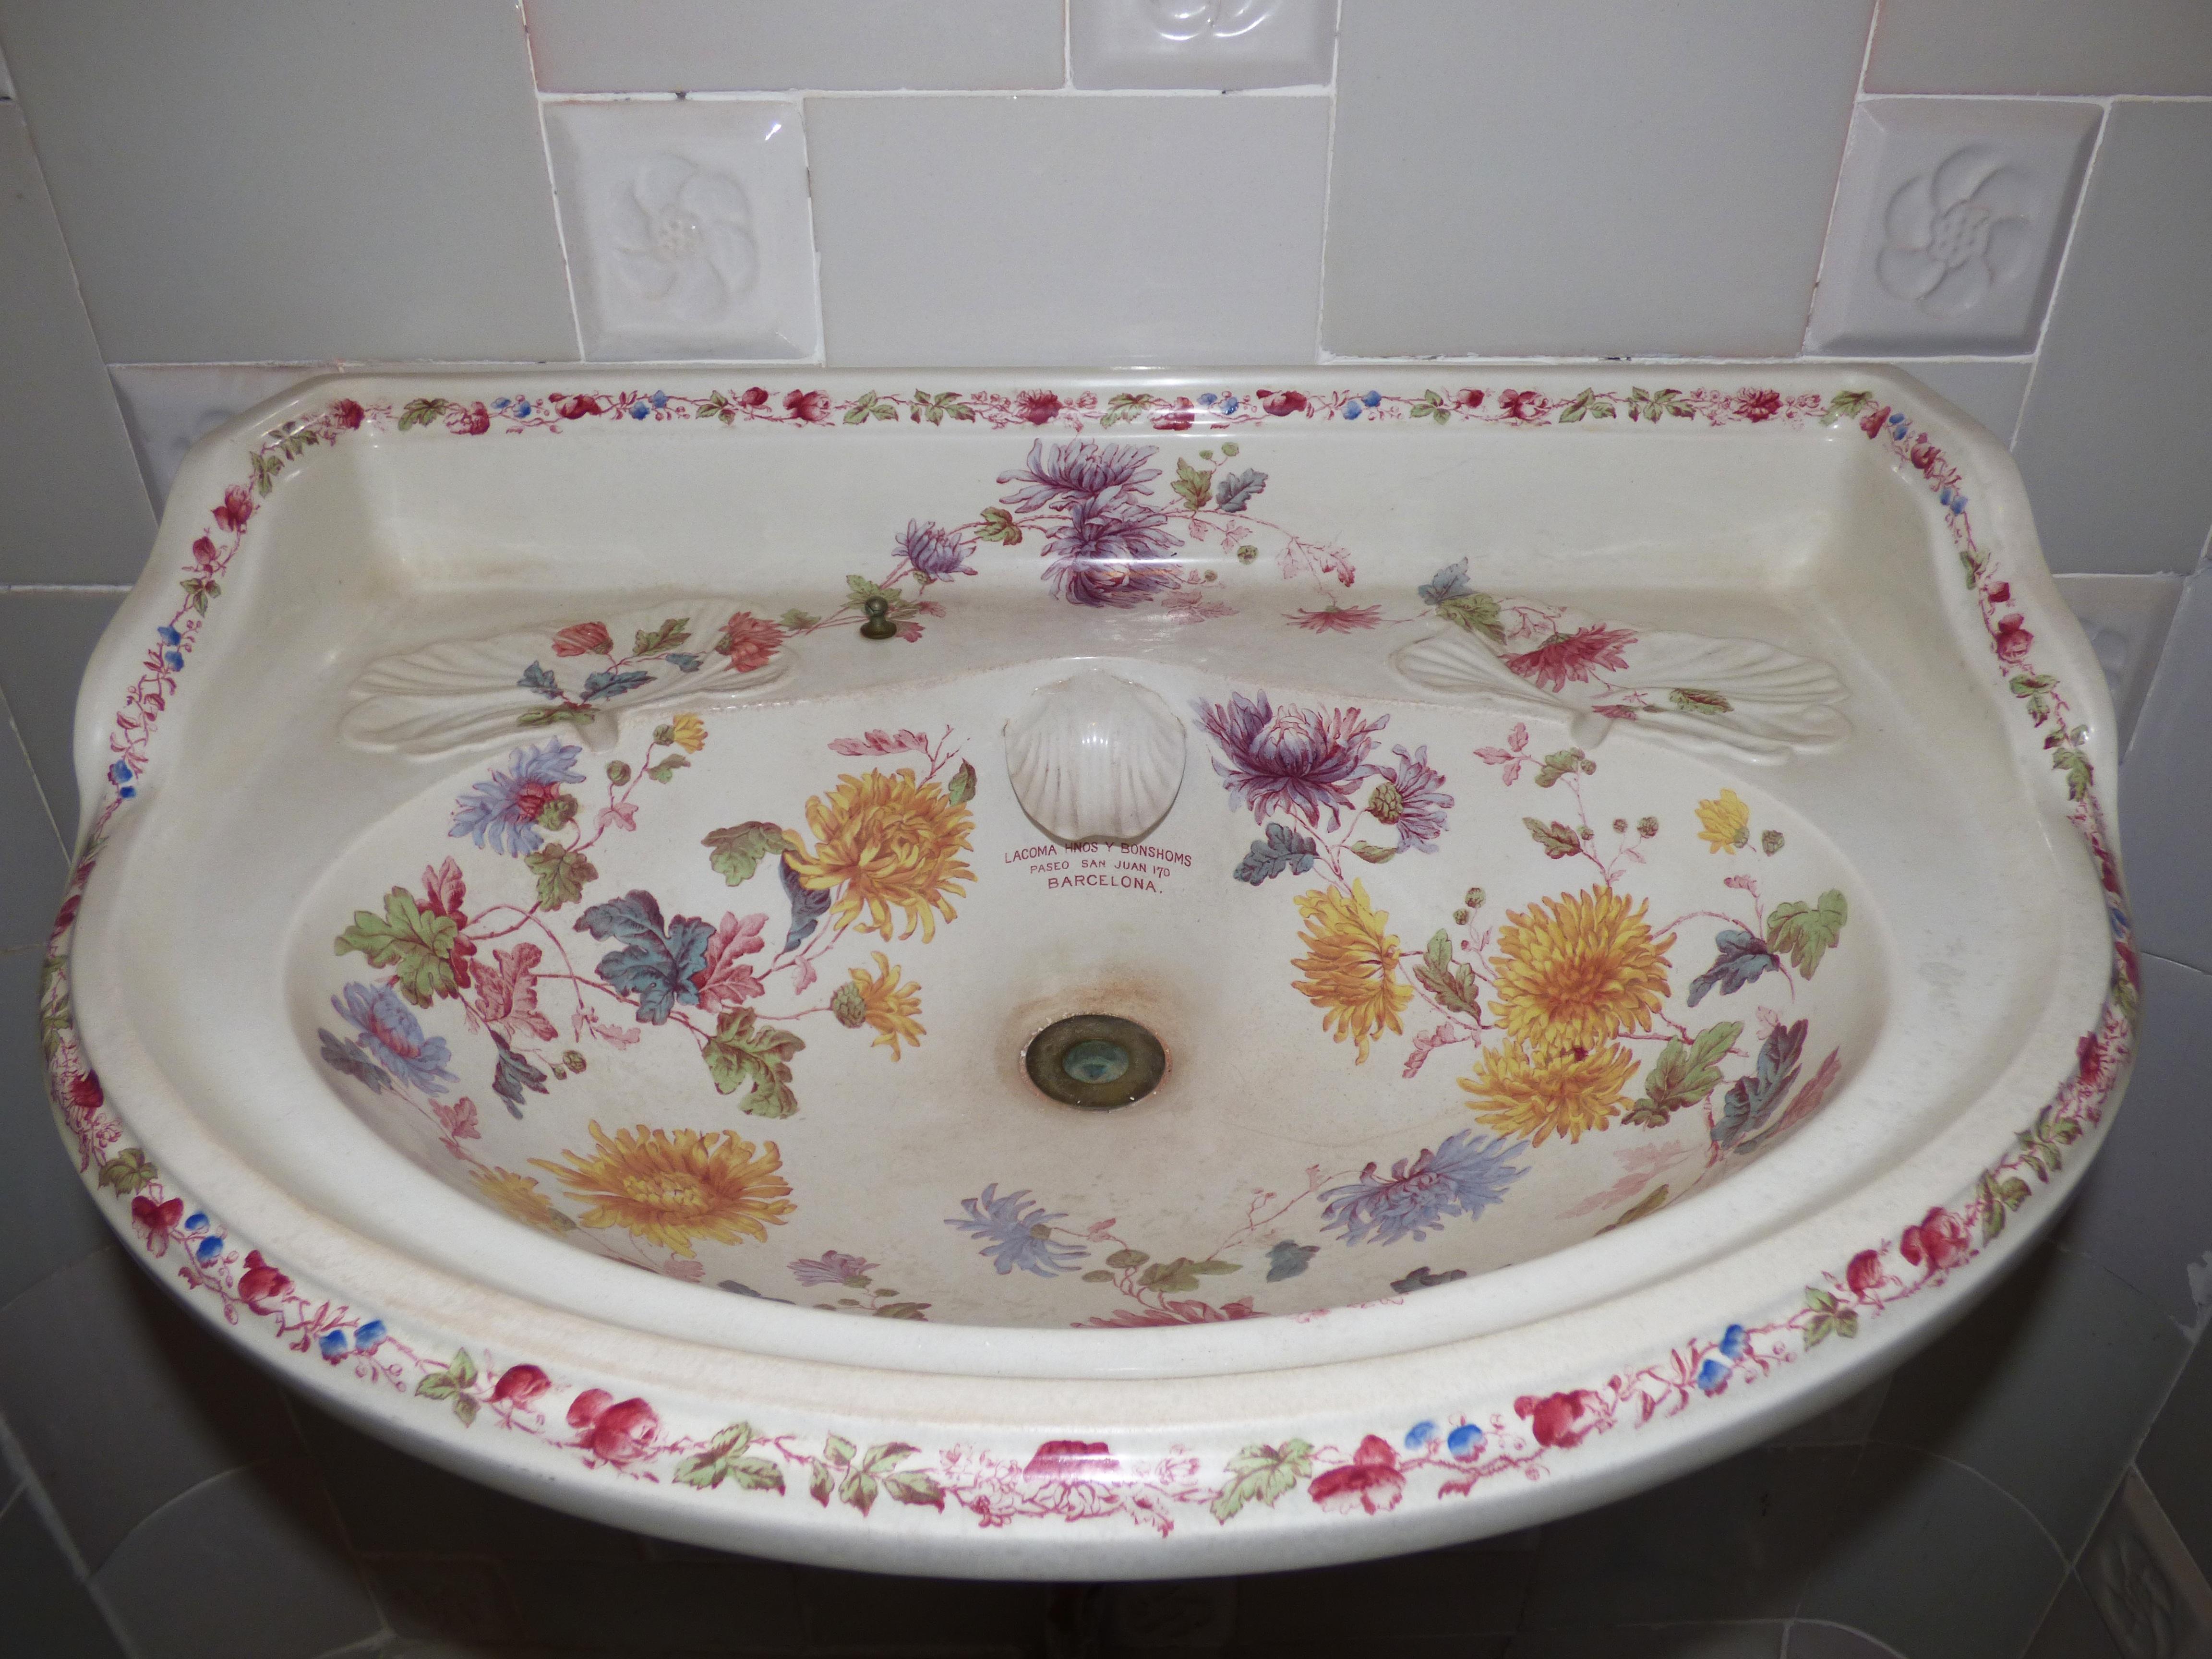 Free Images : old, plate, tile, sink, bathroom, art, tiles ...